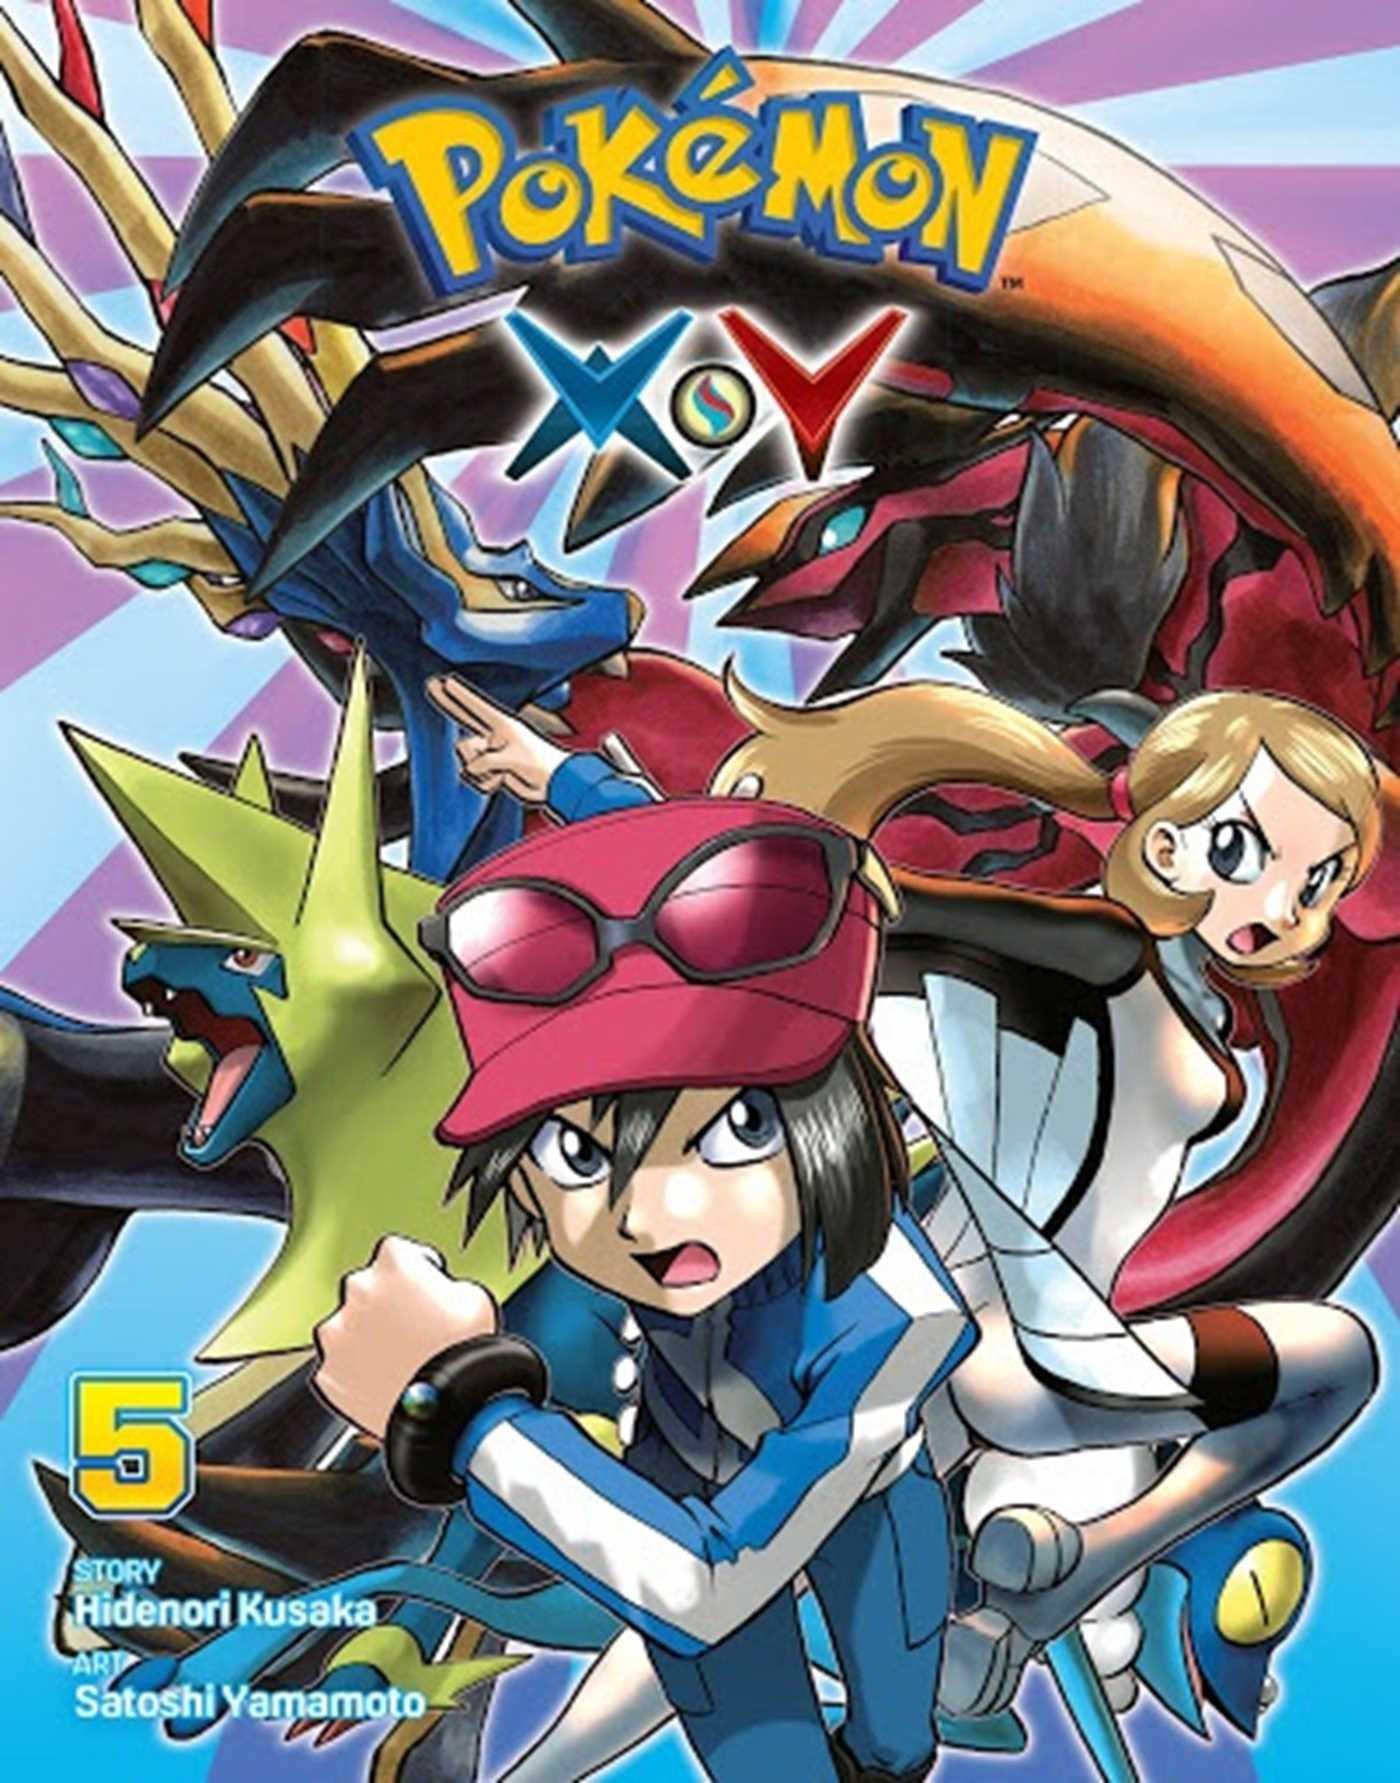 Pokémon X•Y Vol. 5 by Hidenori Kusaka